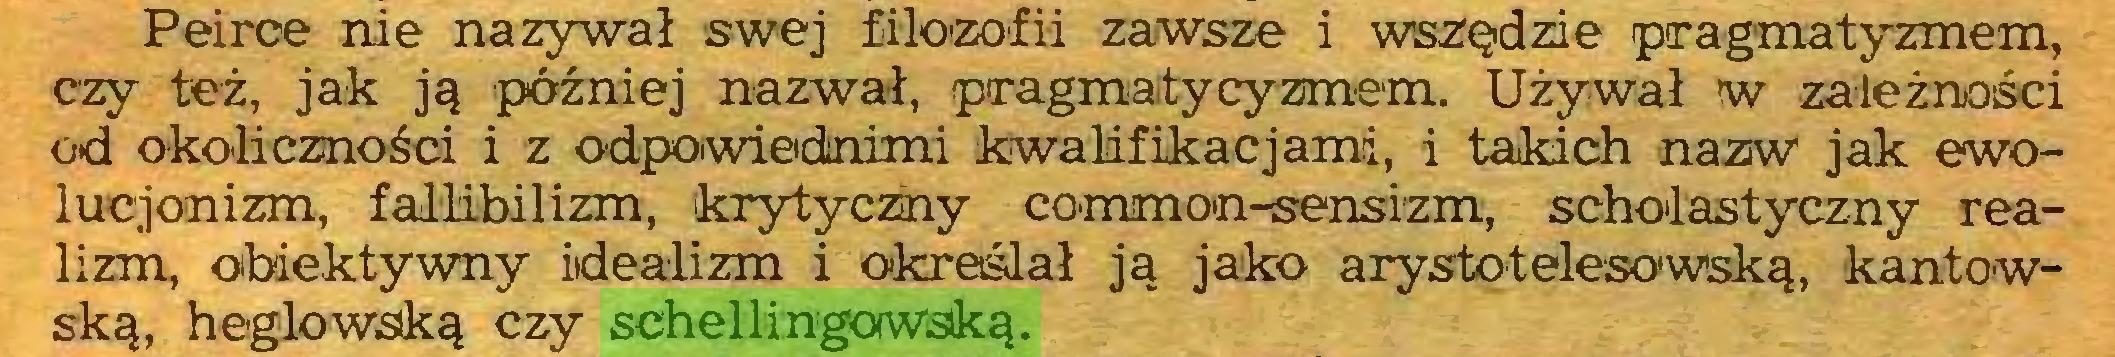 (...) Peirce nie nazywał swej filozofii zawsze i wszędzie pragmatyzmem, czy też, jak ją później nazwał, pragmatycyzmem. Używał w zależności od okoliczności i z odpowiednimi kwalifikacjami, i takich nazw jak ewoluejonizm, fallibilizm, krytyczny common-sensizm, scholastyczny realizm, obiektywny idealizm i określał ją jako arystotelesowską, kaniowską, heglowską czy schellingowską...